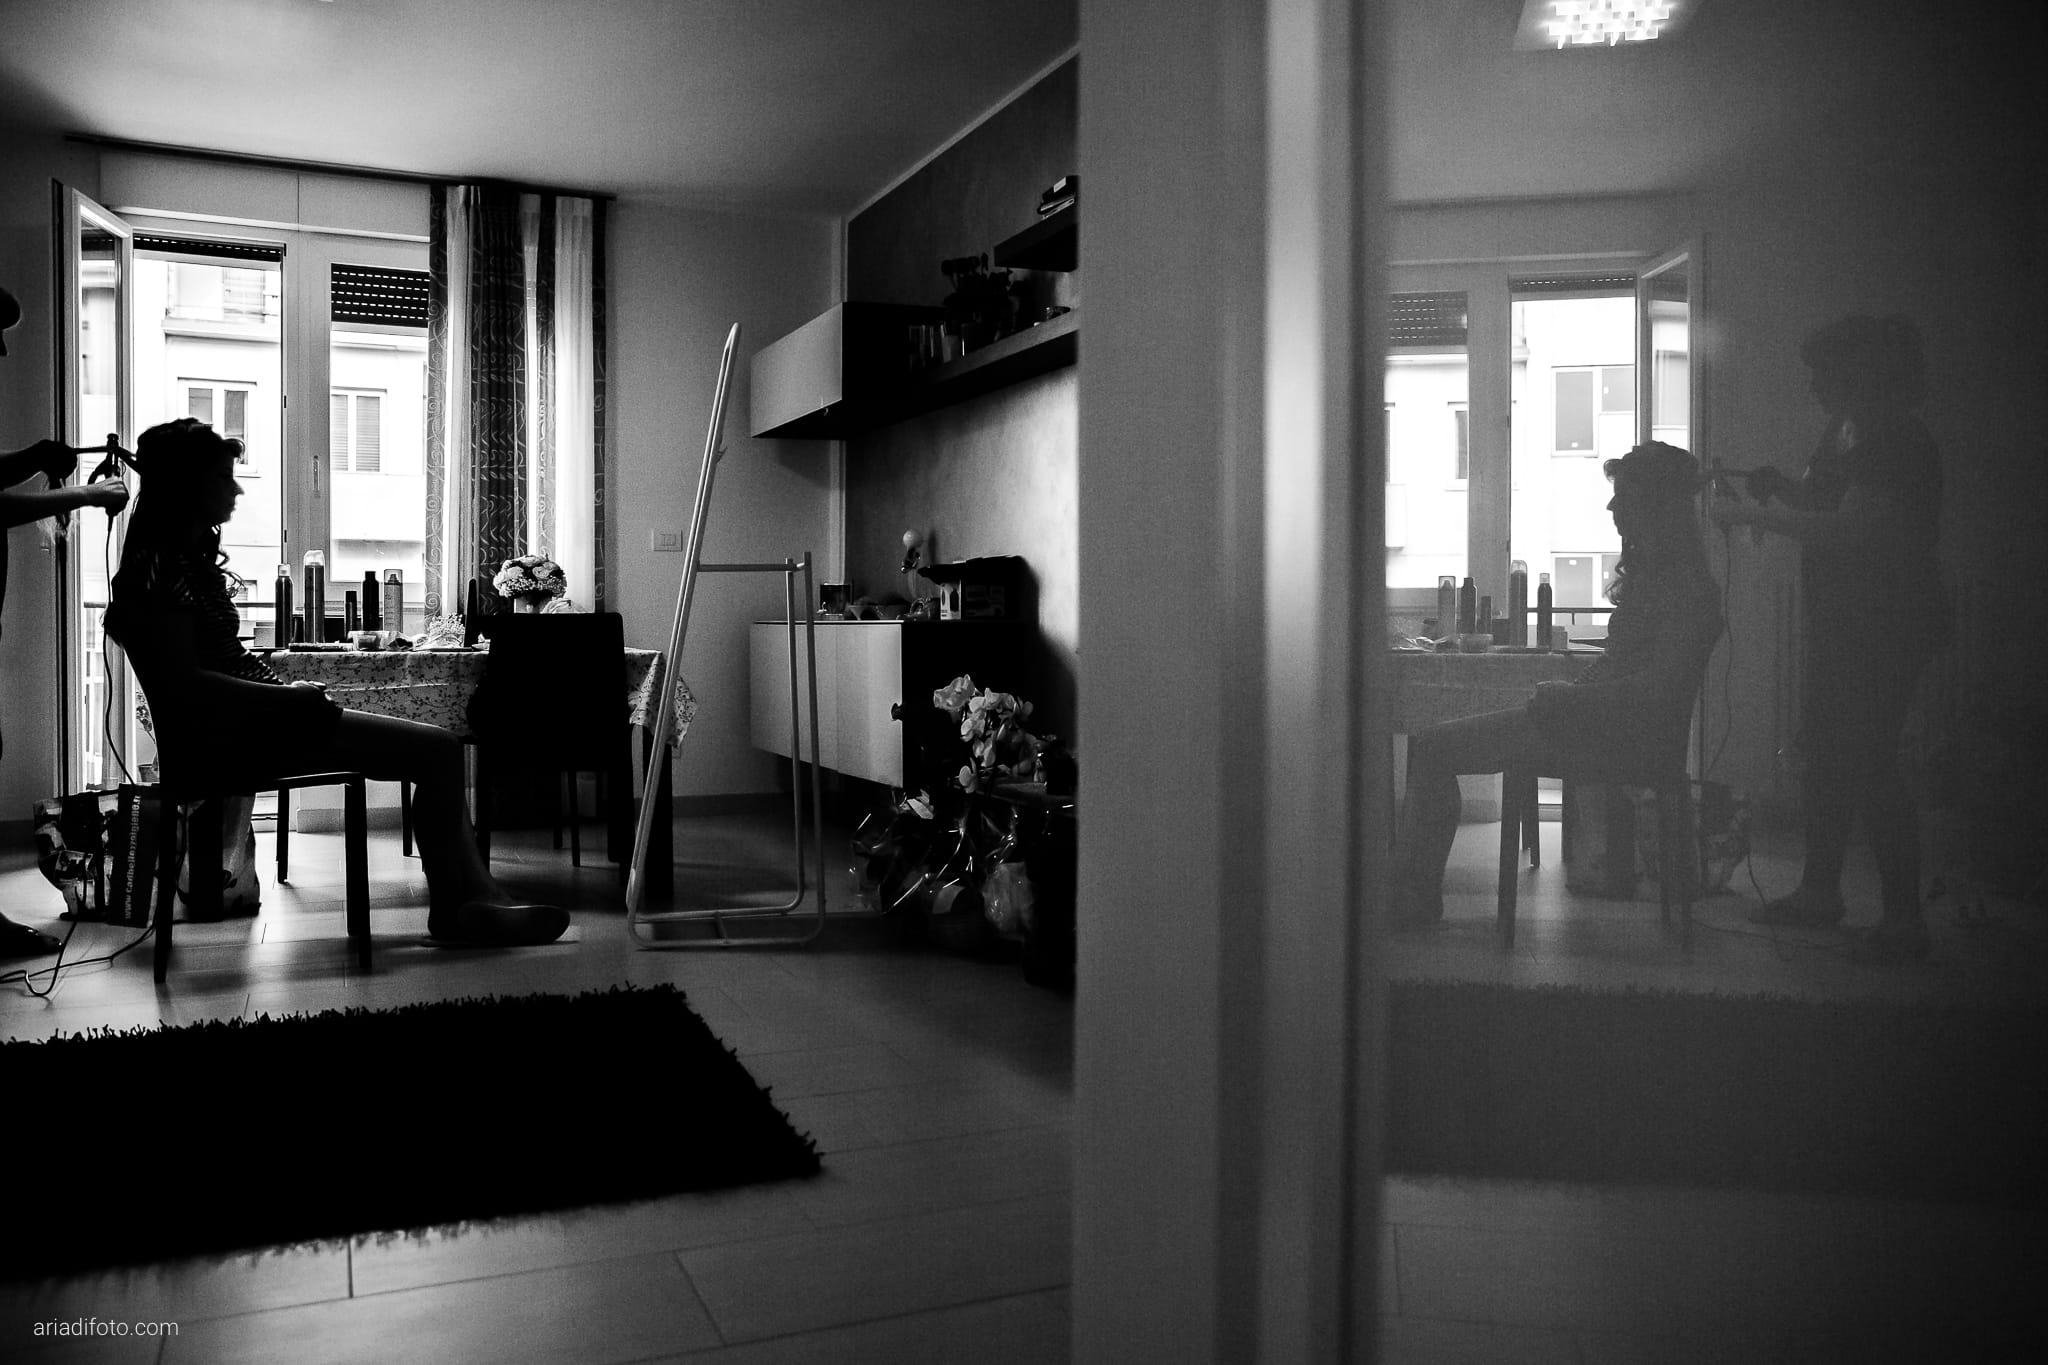 Rossella Stefano Matrimonio Muggia Mulin Koper Slovenia preparativi acconciatura specchio riflesso